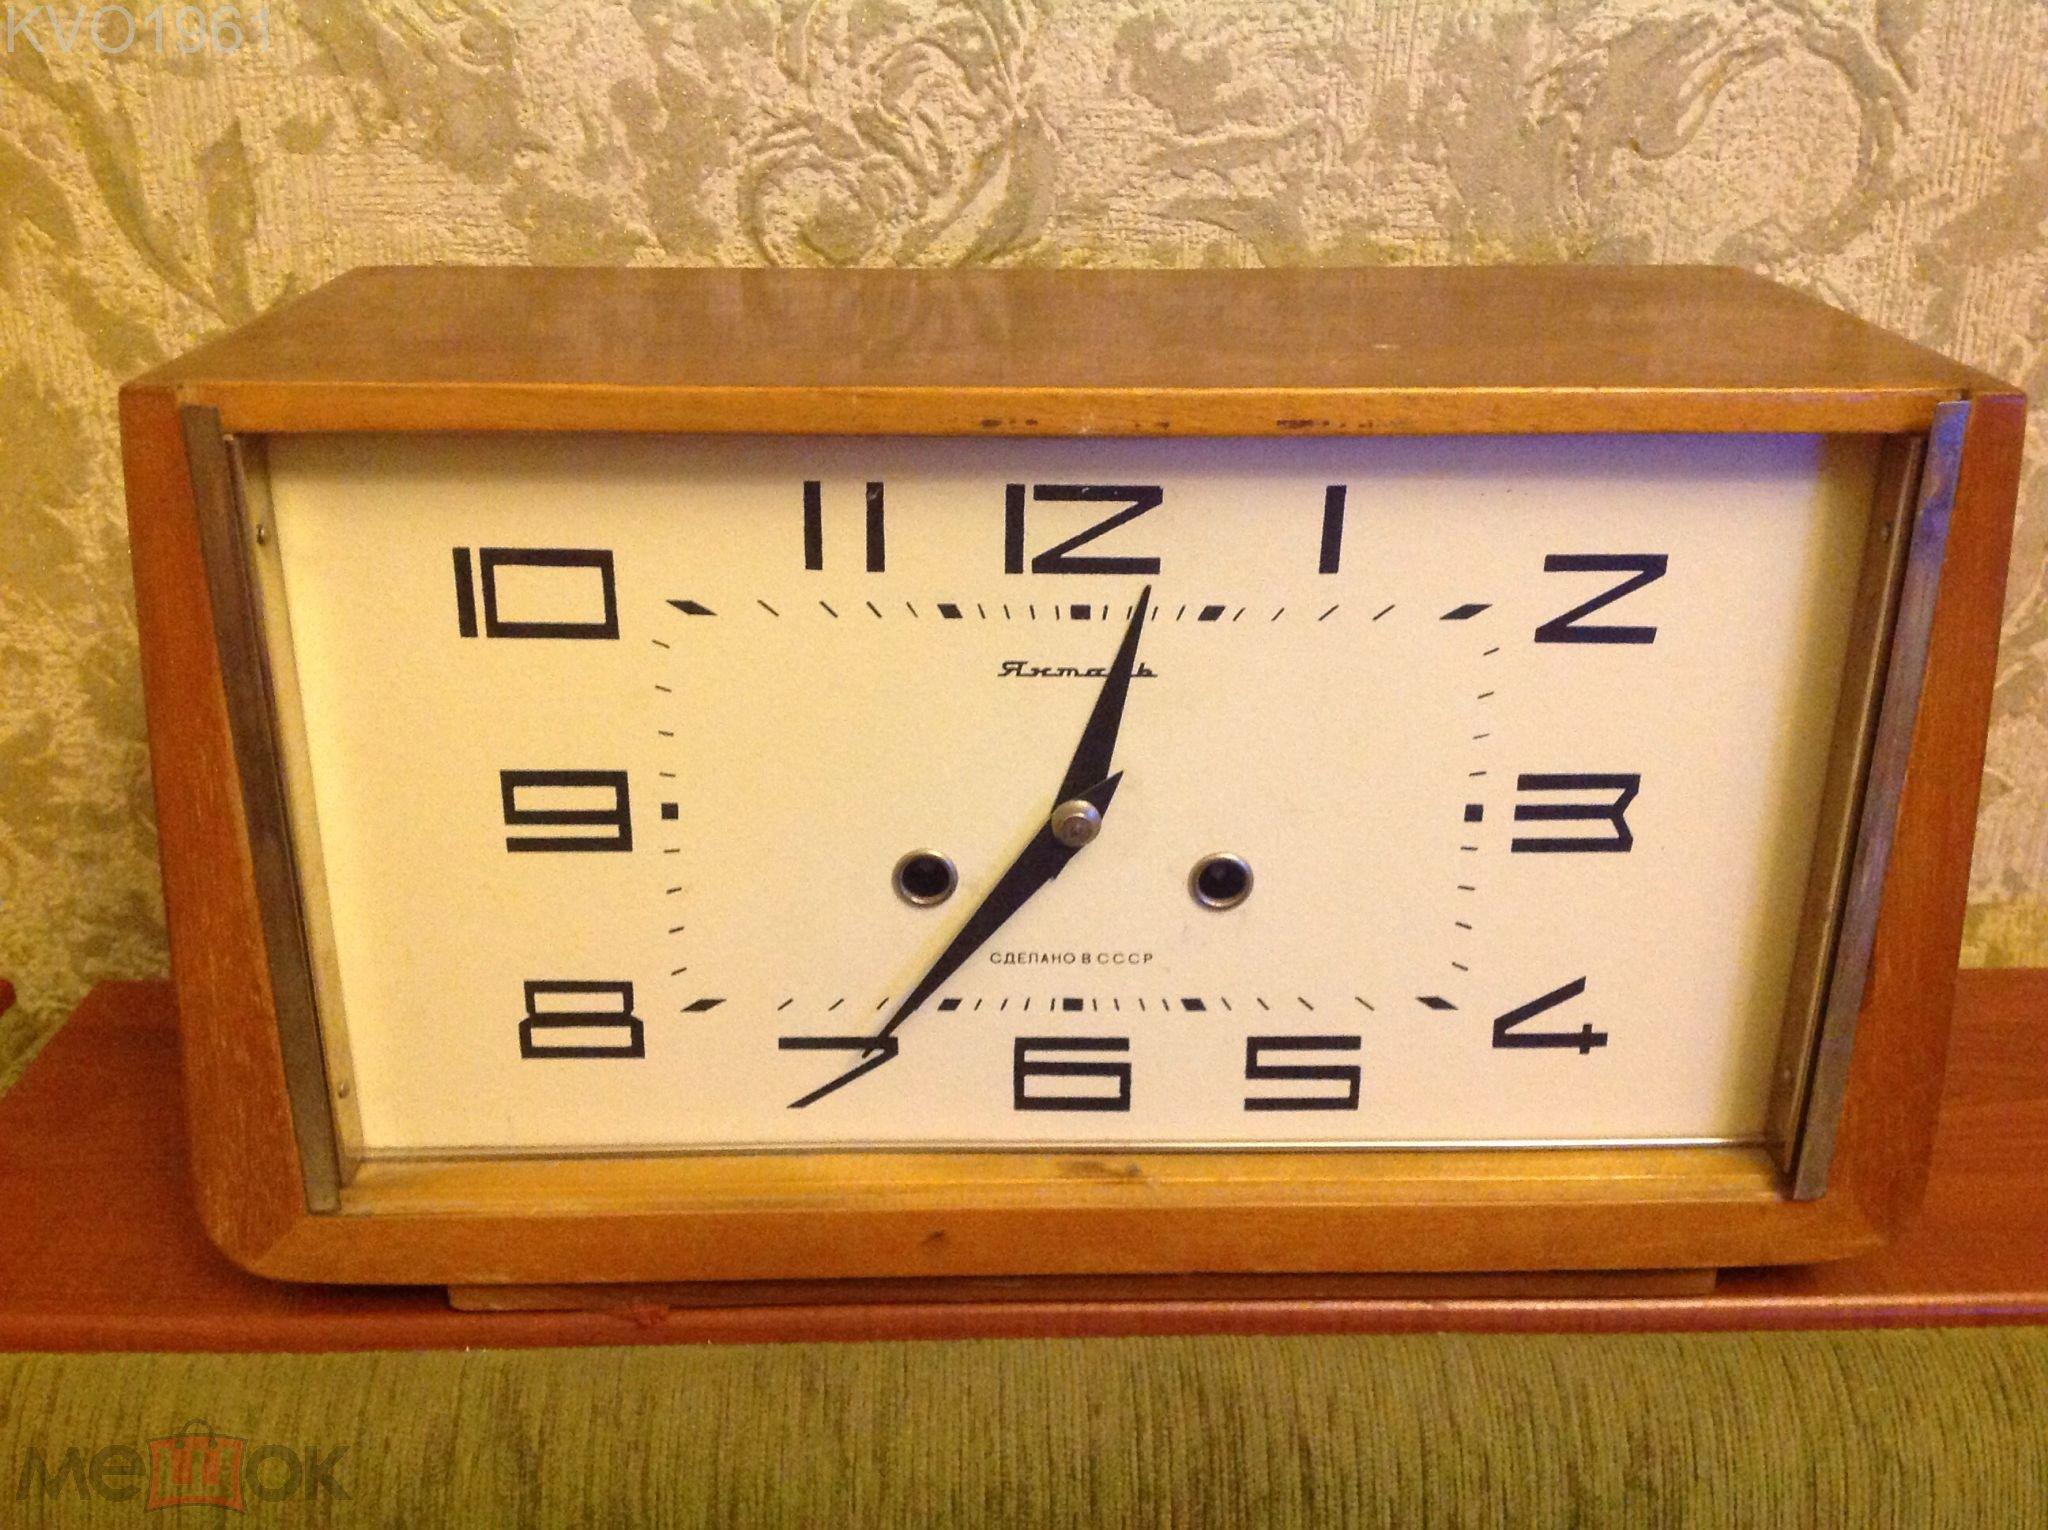 b0381445 Часы настольные балансовые с боем Янтарь. 10.05.1972 года